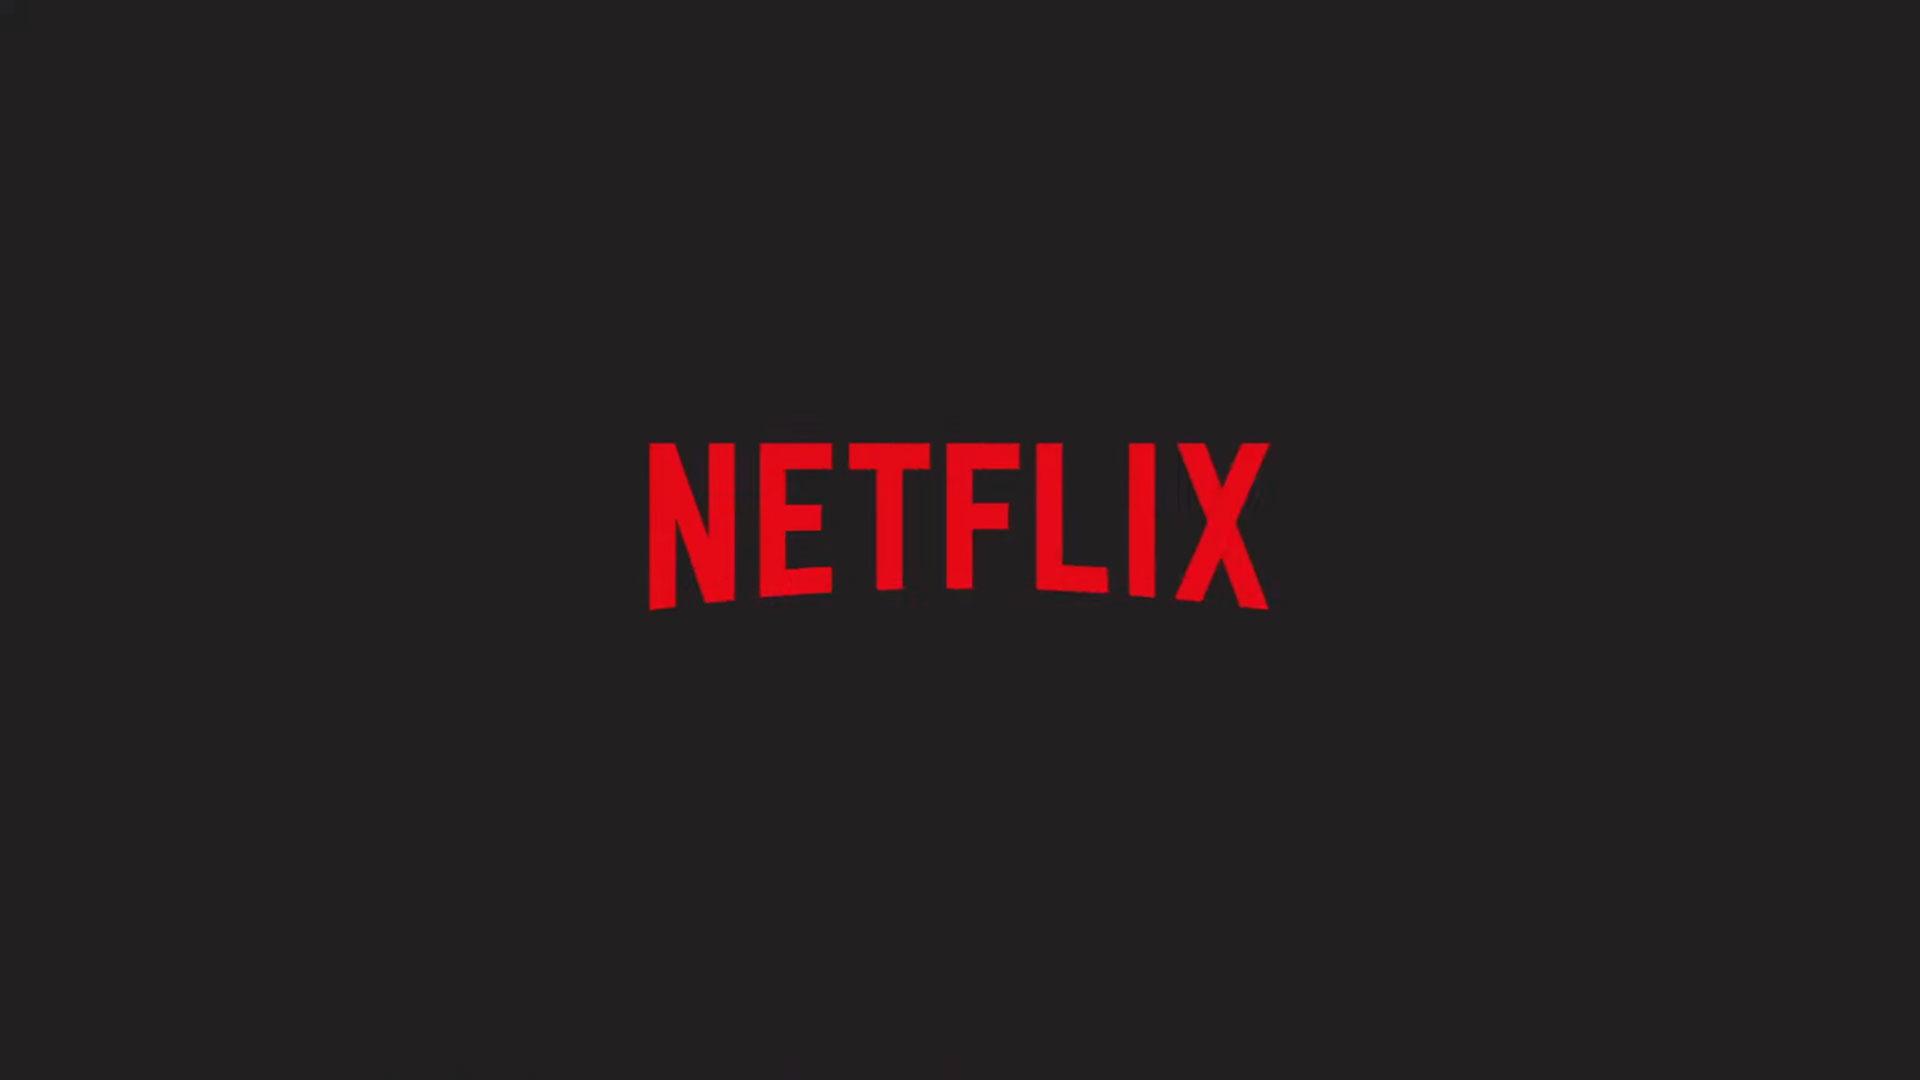 Netflix Schriftzug Symbol